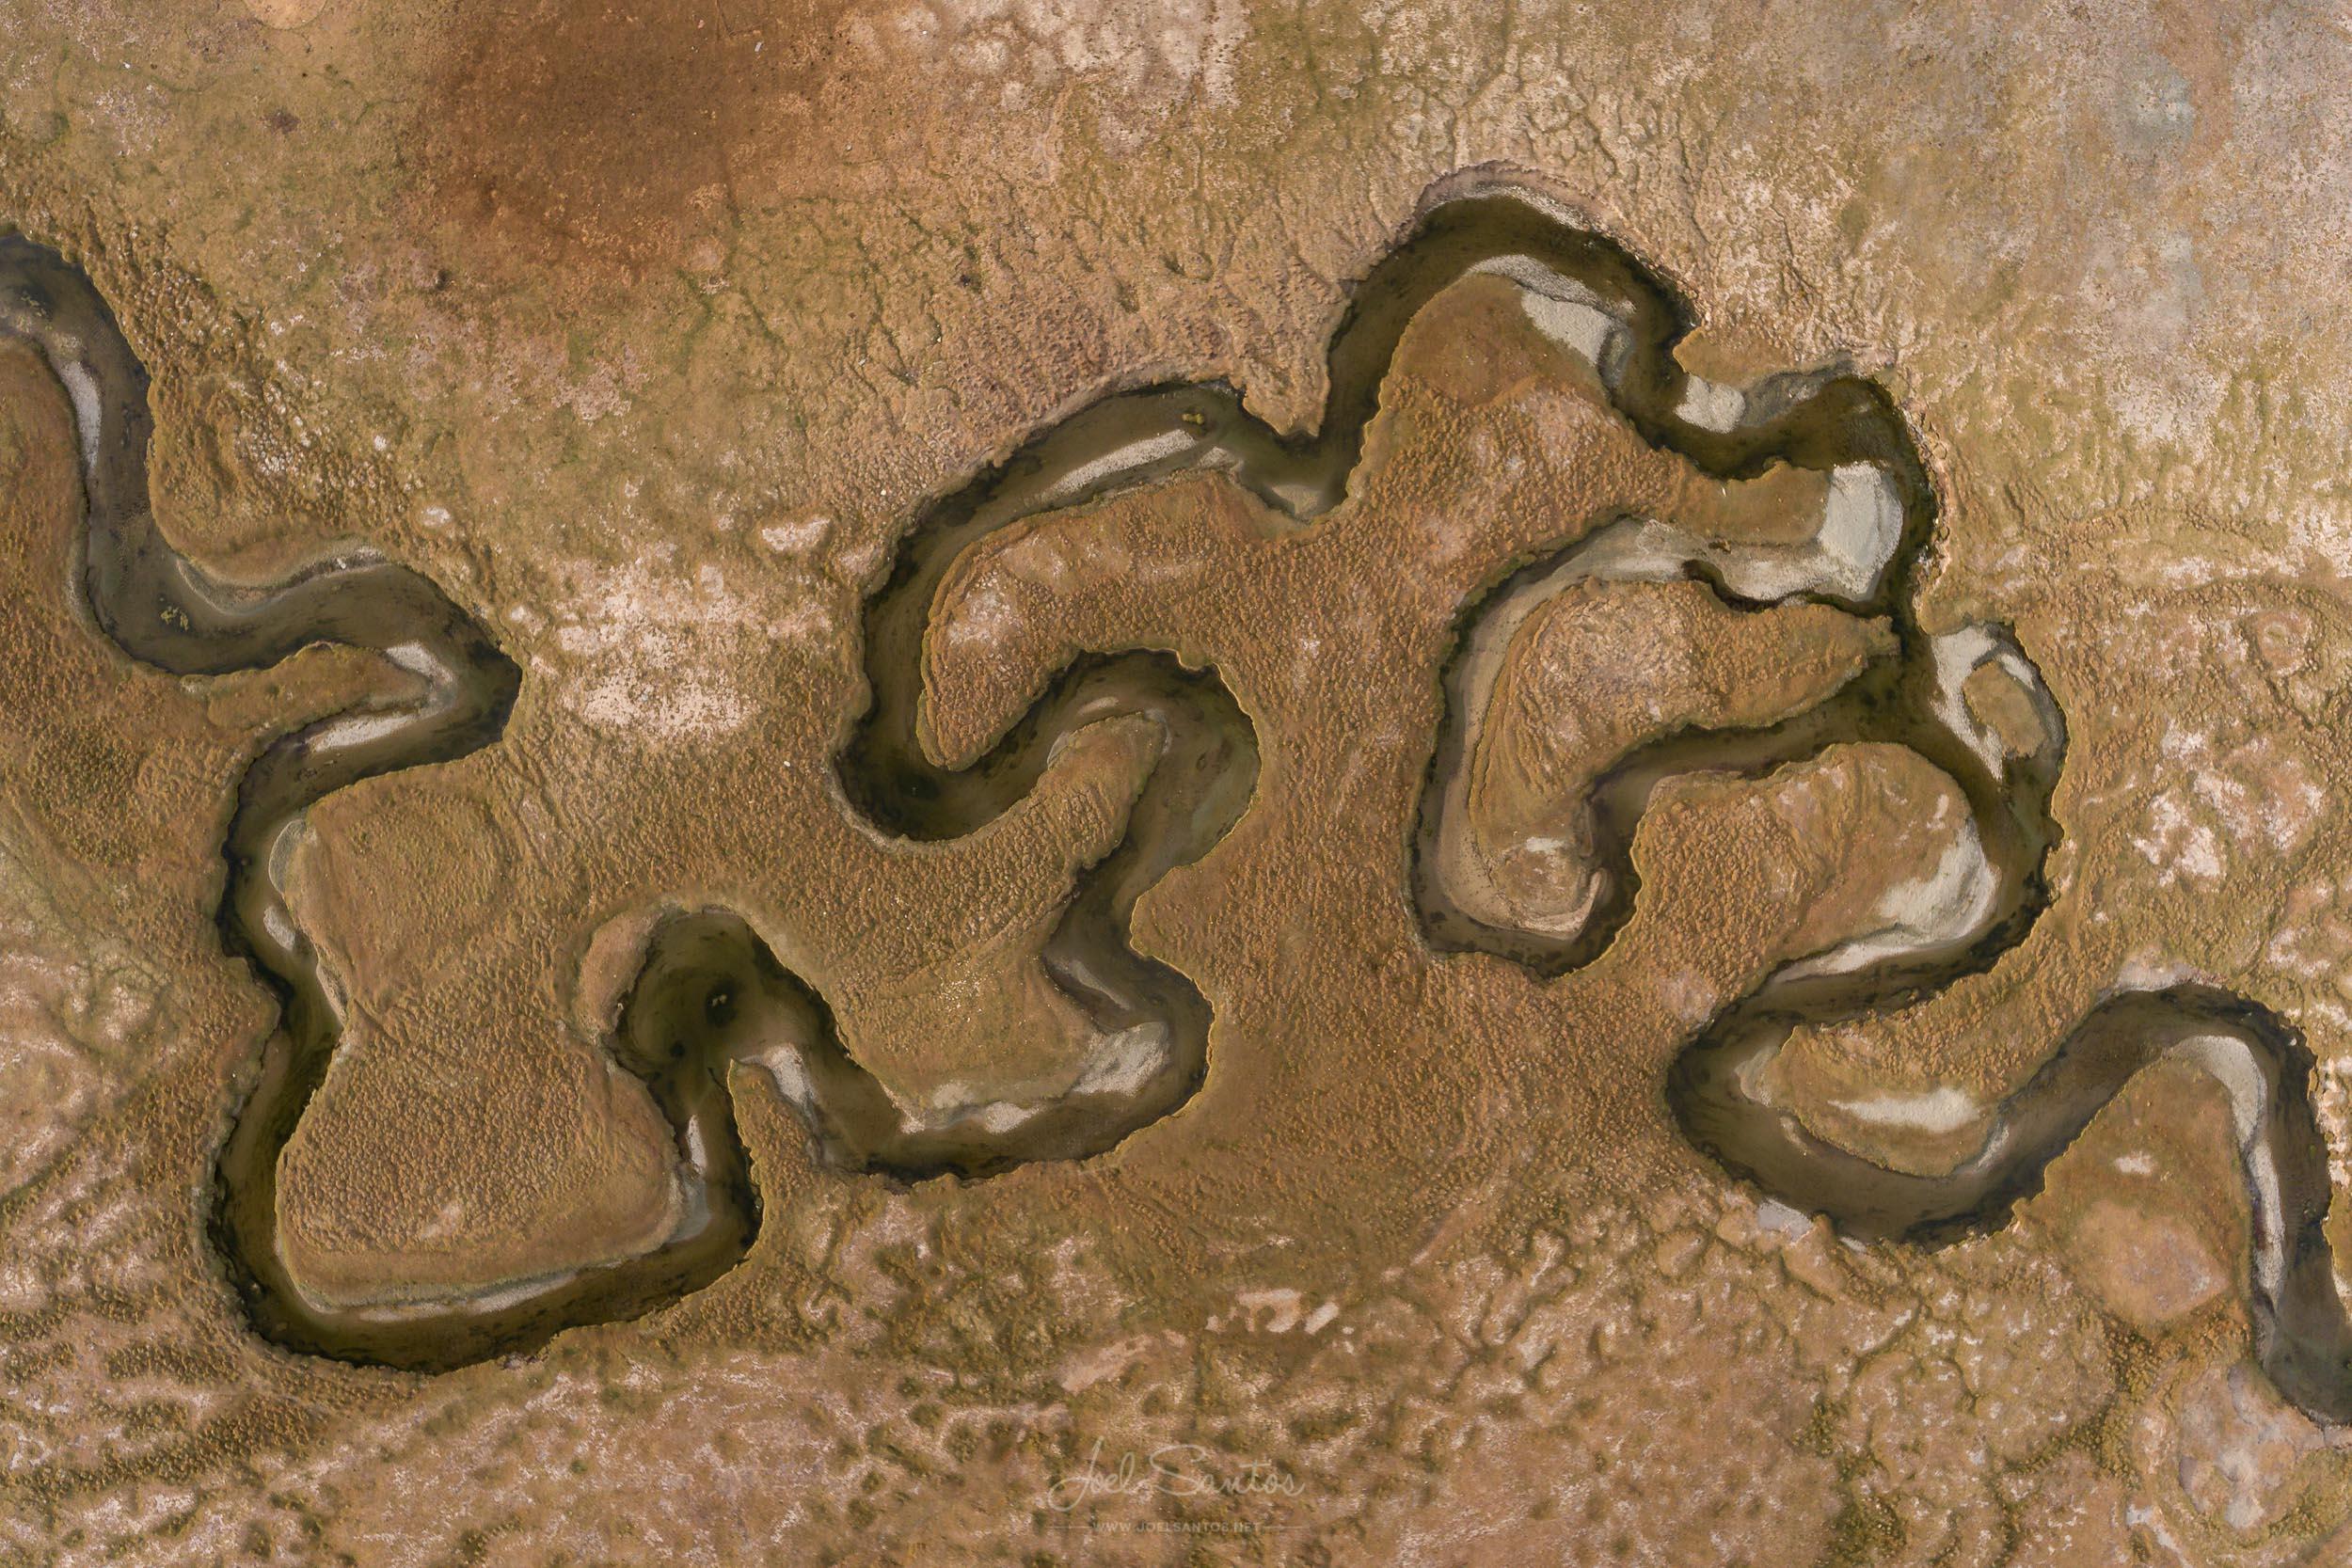 River stream, Altai, Western Mongolia